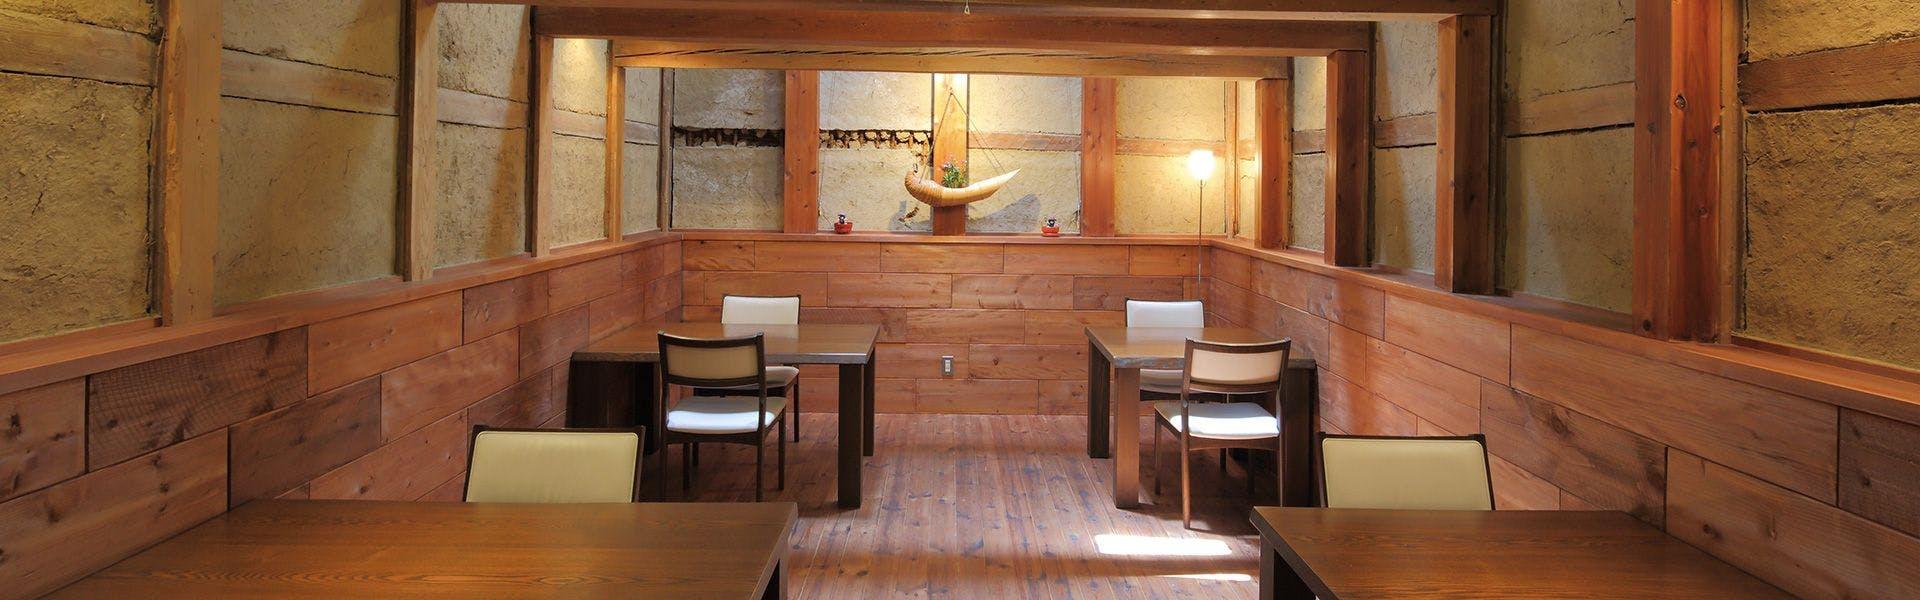 記念日におすすめのホテル・おやど 小梅やの写真2